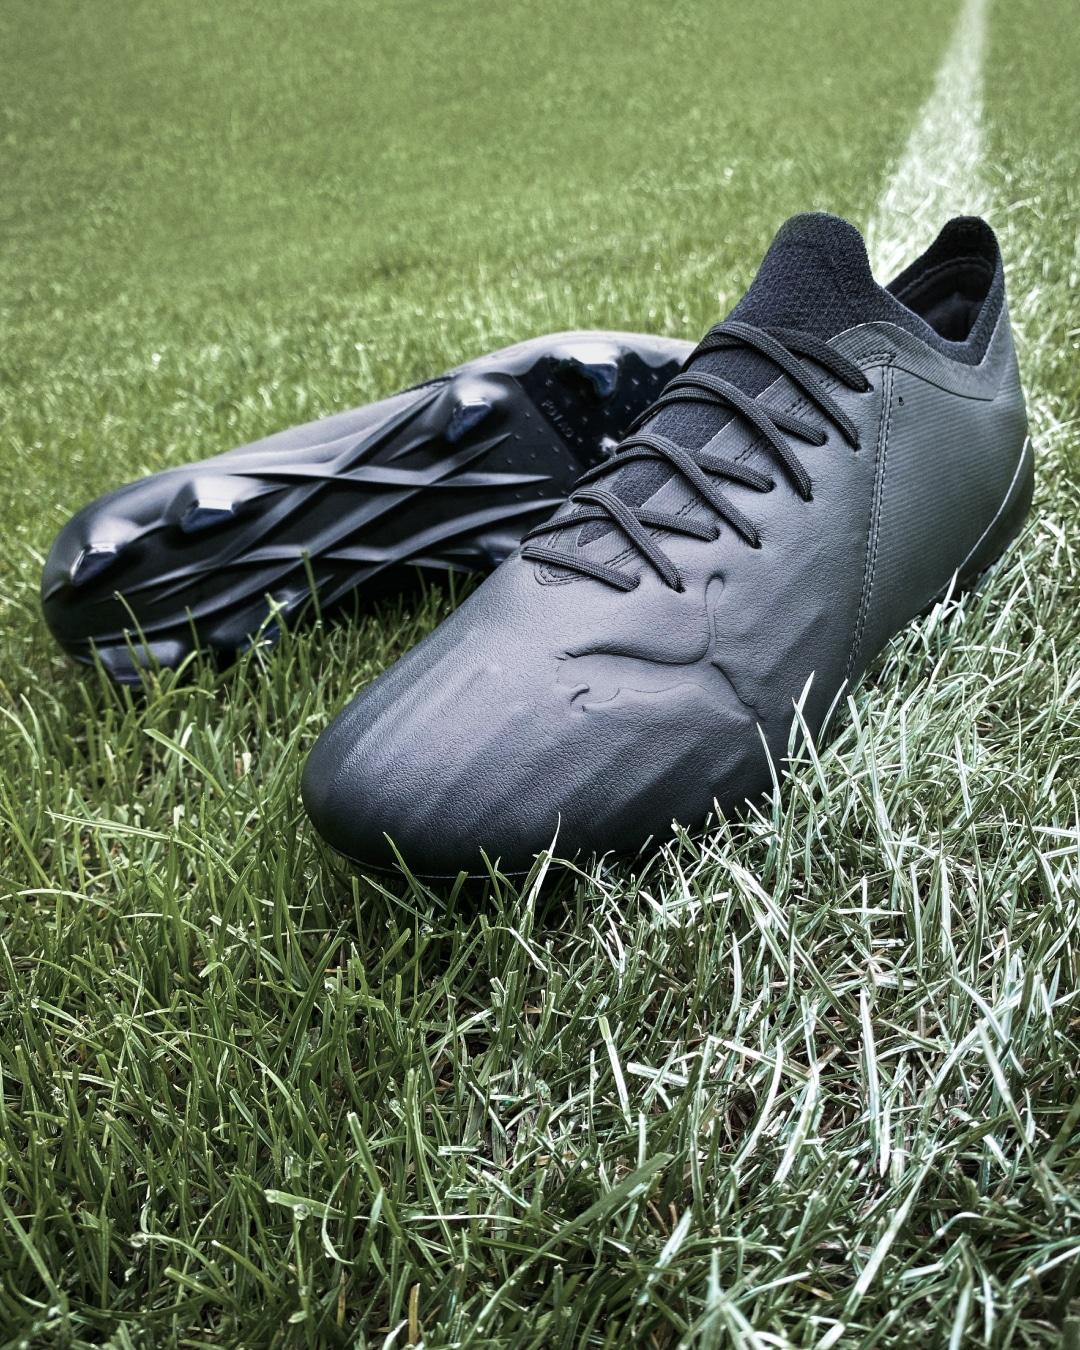 puma-ultra-leather-cuir-8